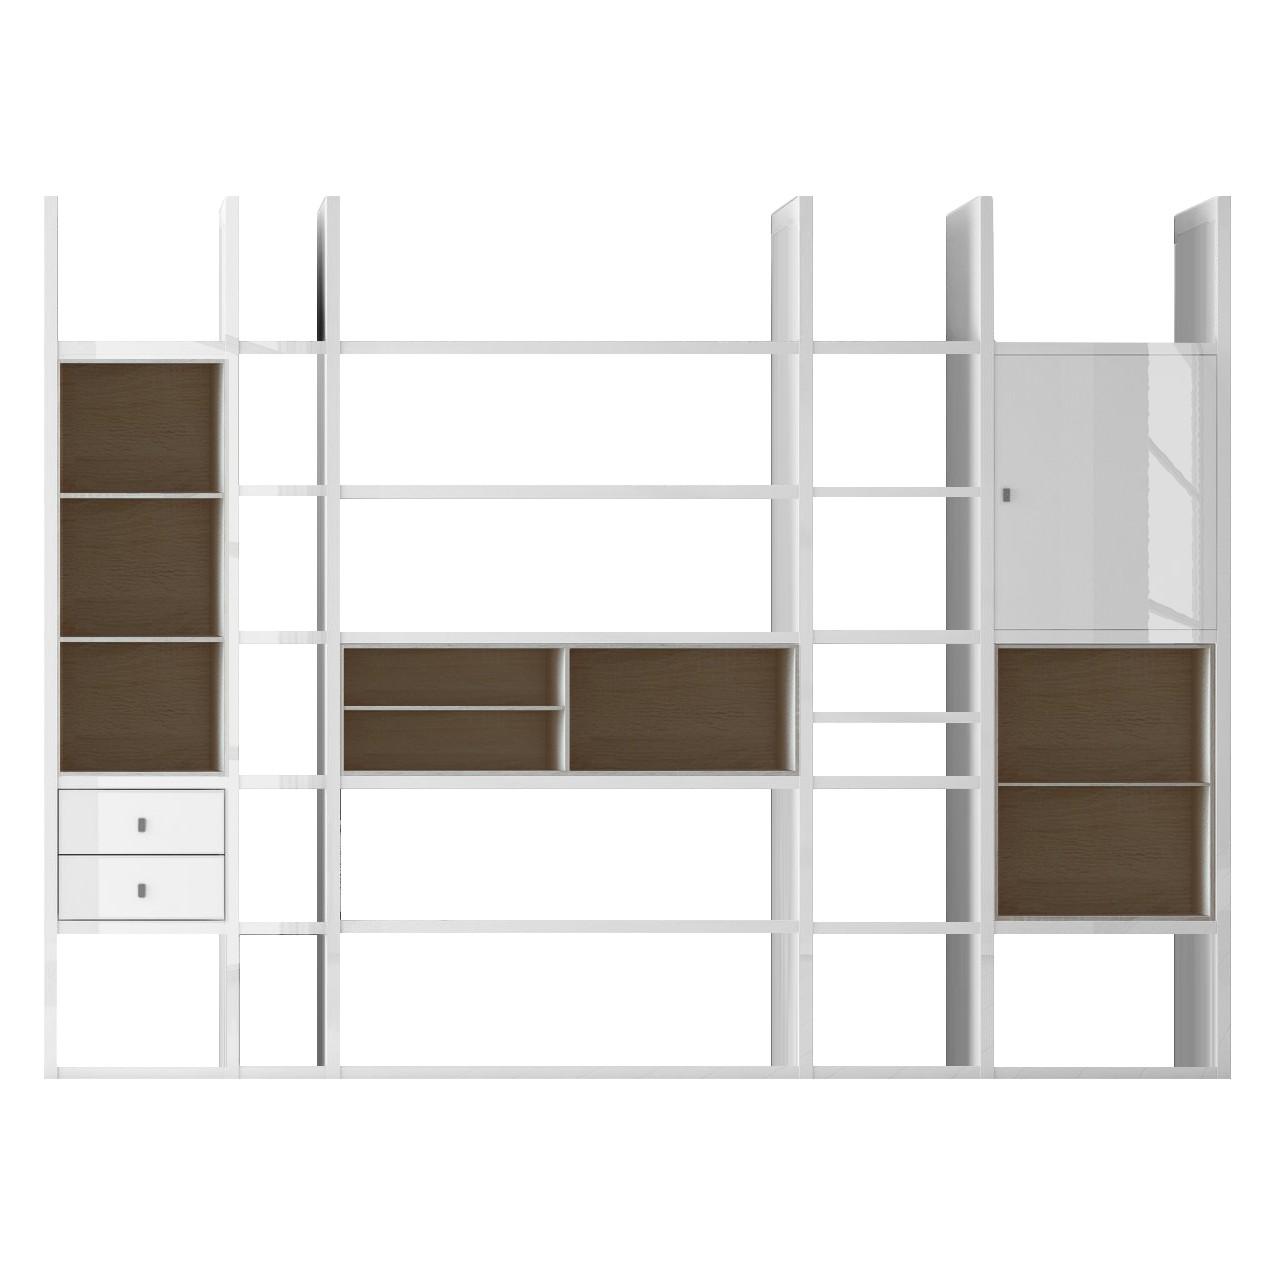 XXL Regalwand Emporior VI - Ohne Beleuchtung - Hochglanz Weiß / Eiche Sonoma Dekor, loftscape